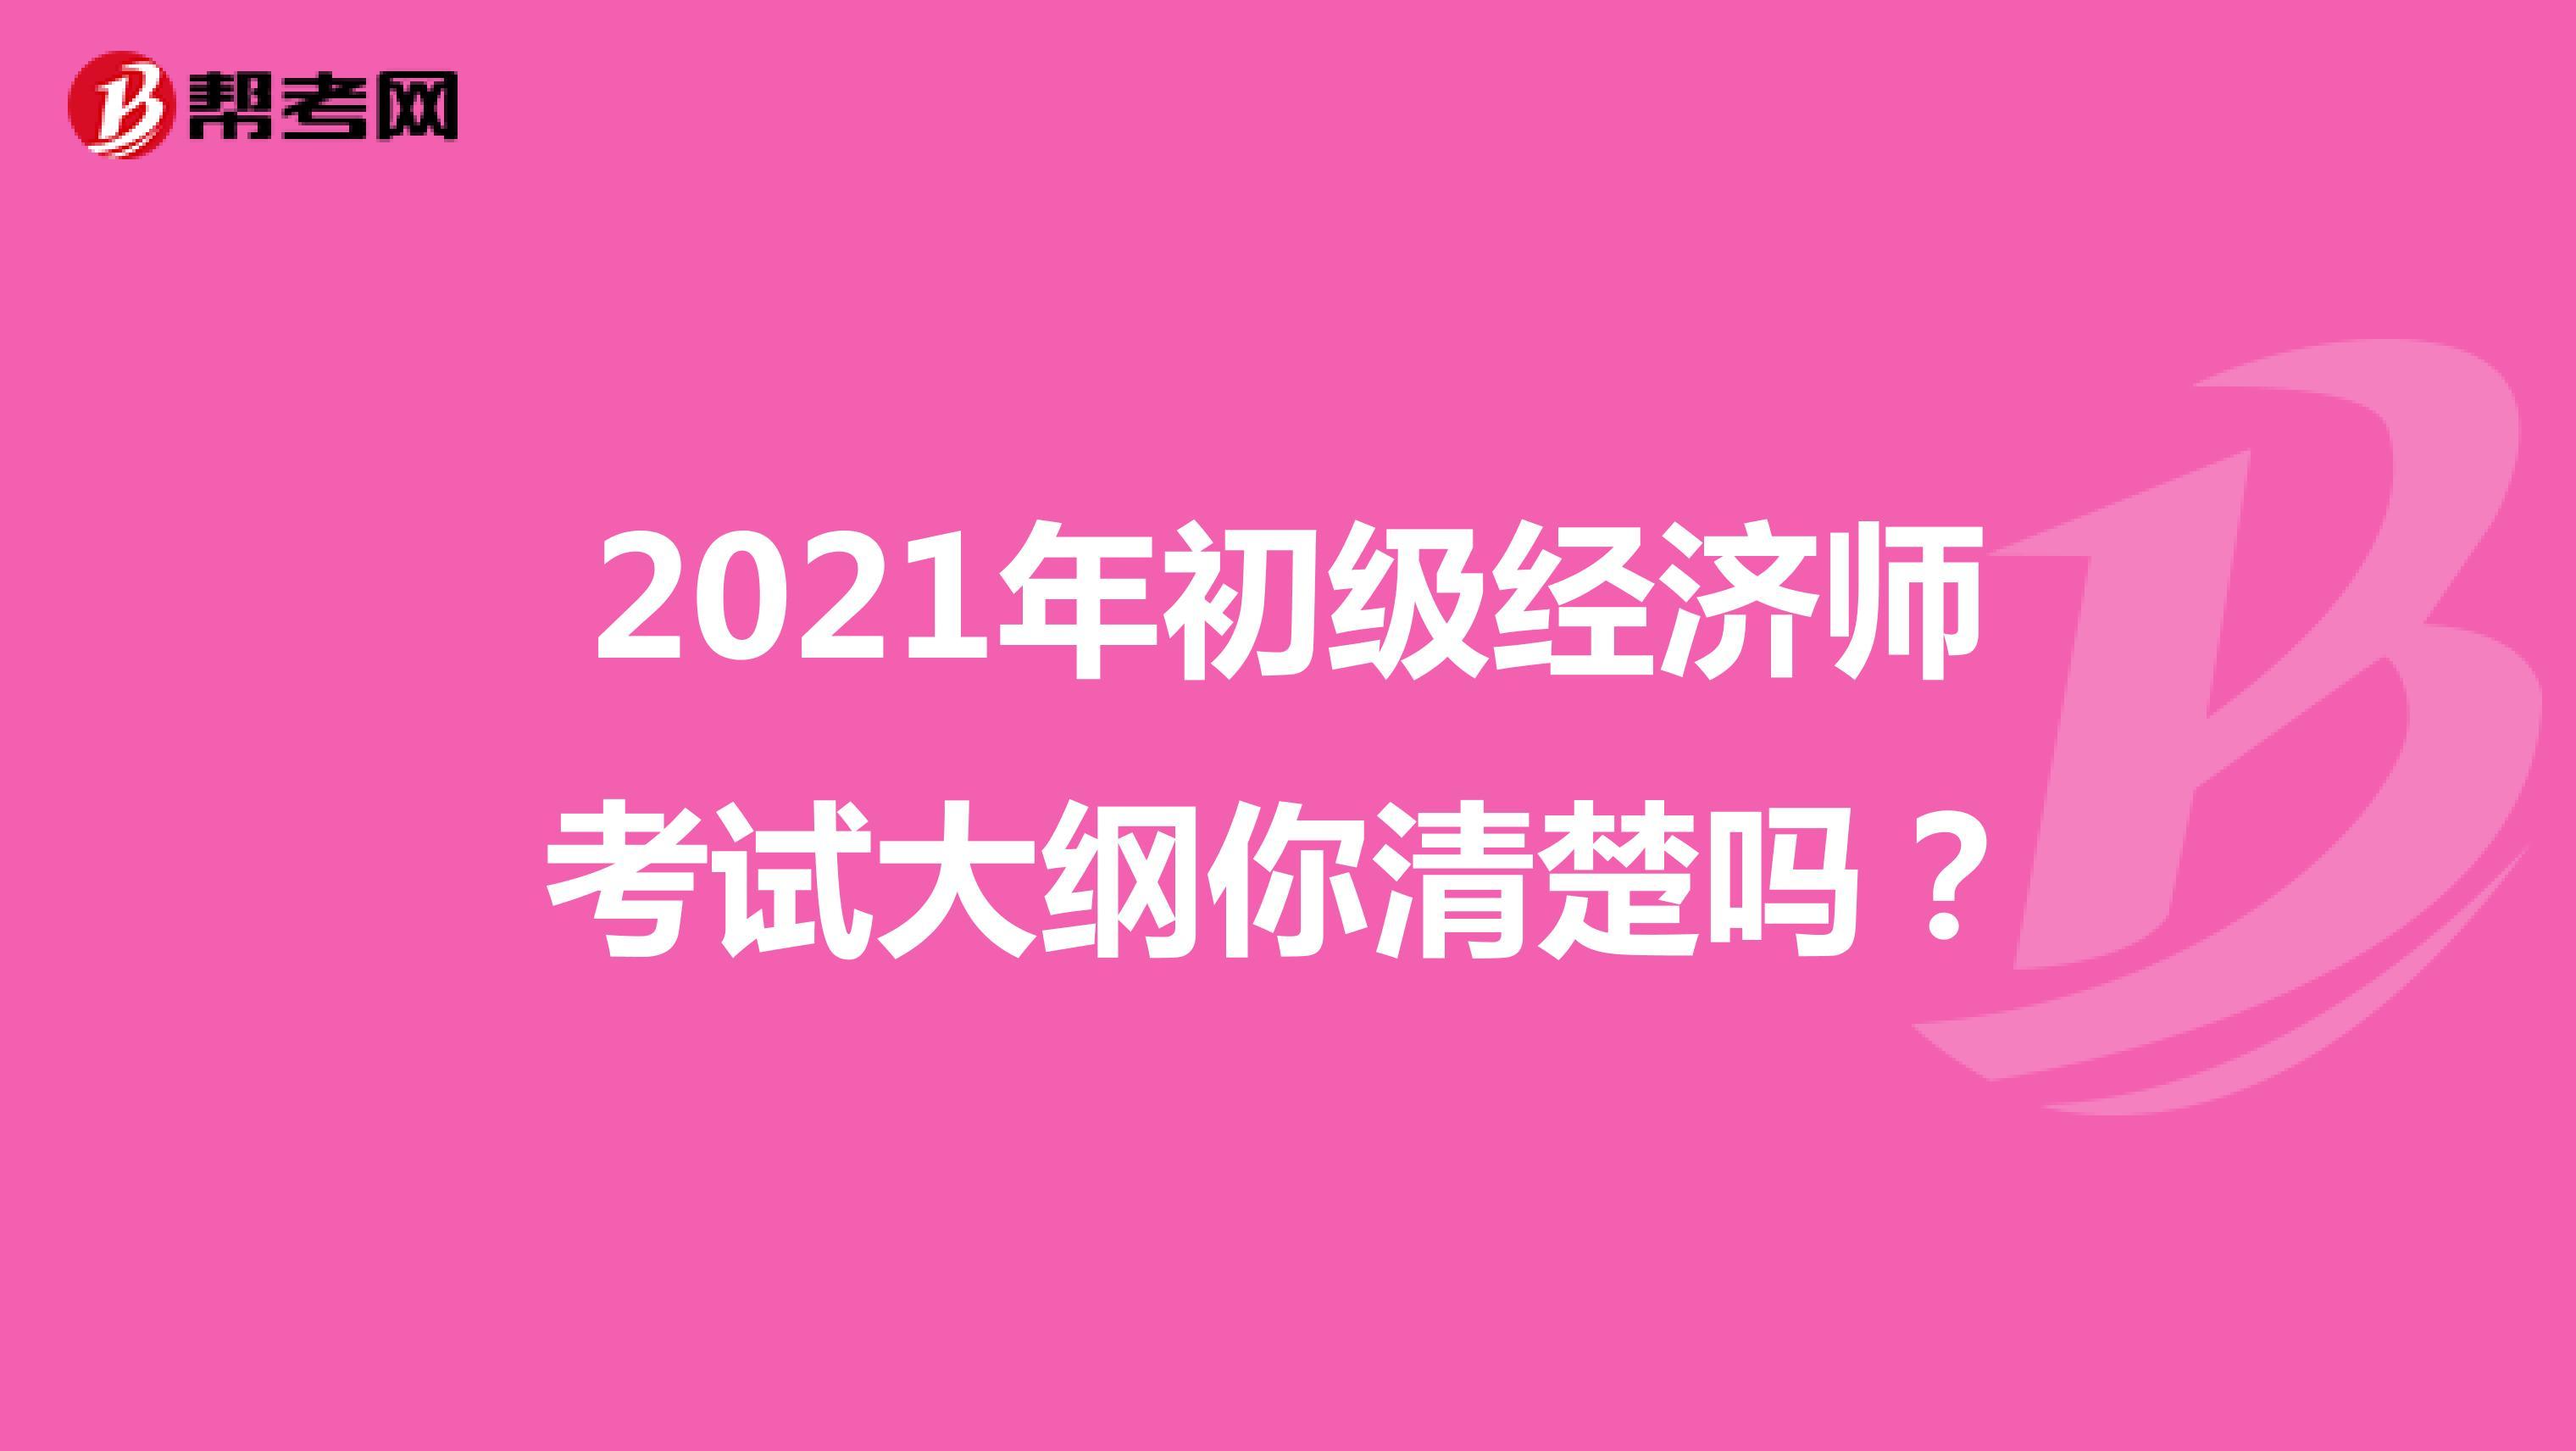 2021年初级经济师考试大纲你清楚吗?